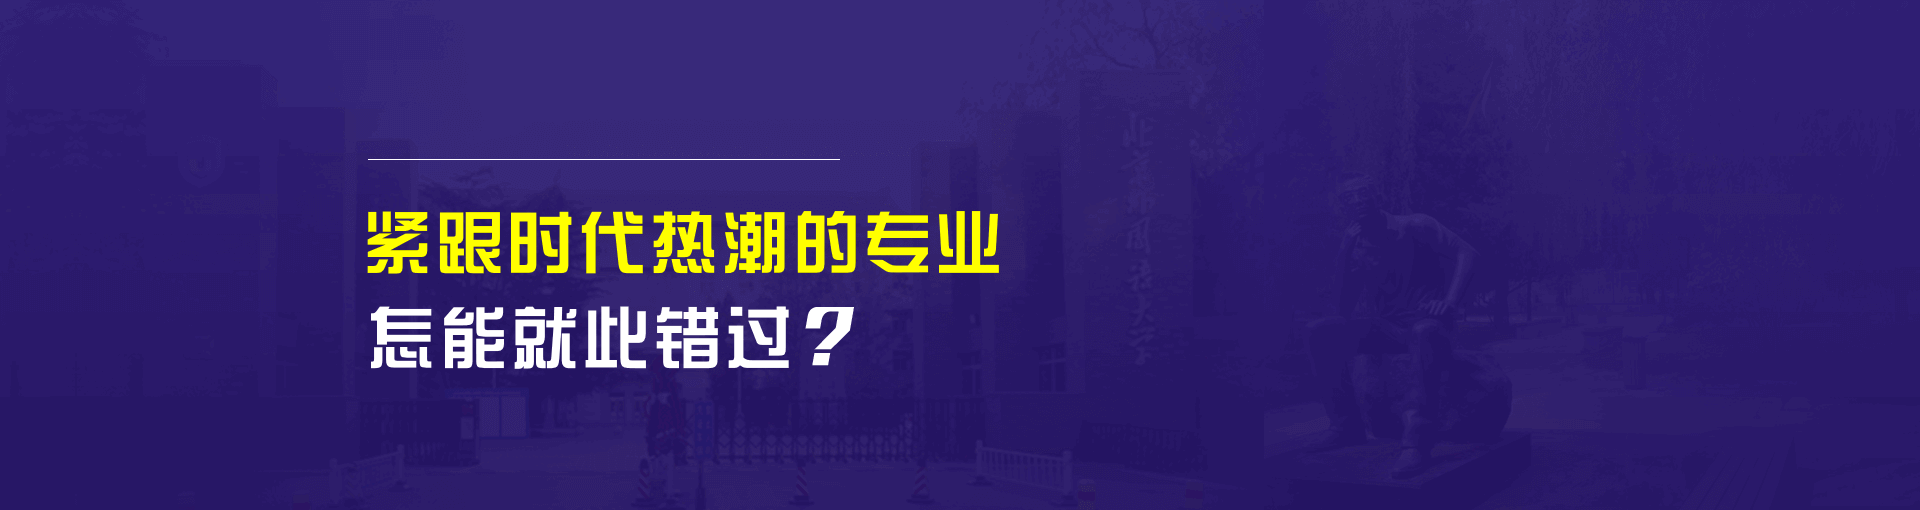 2019年北京外国语大学在职研究生招生专业有哪些?